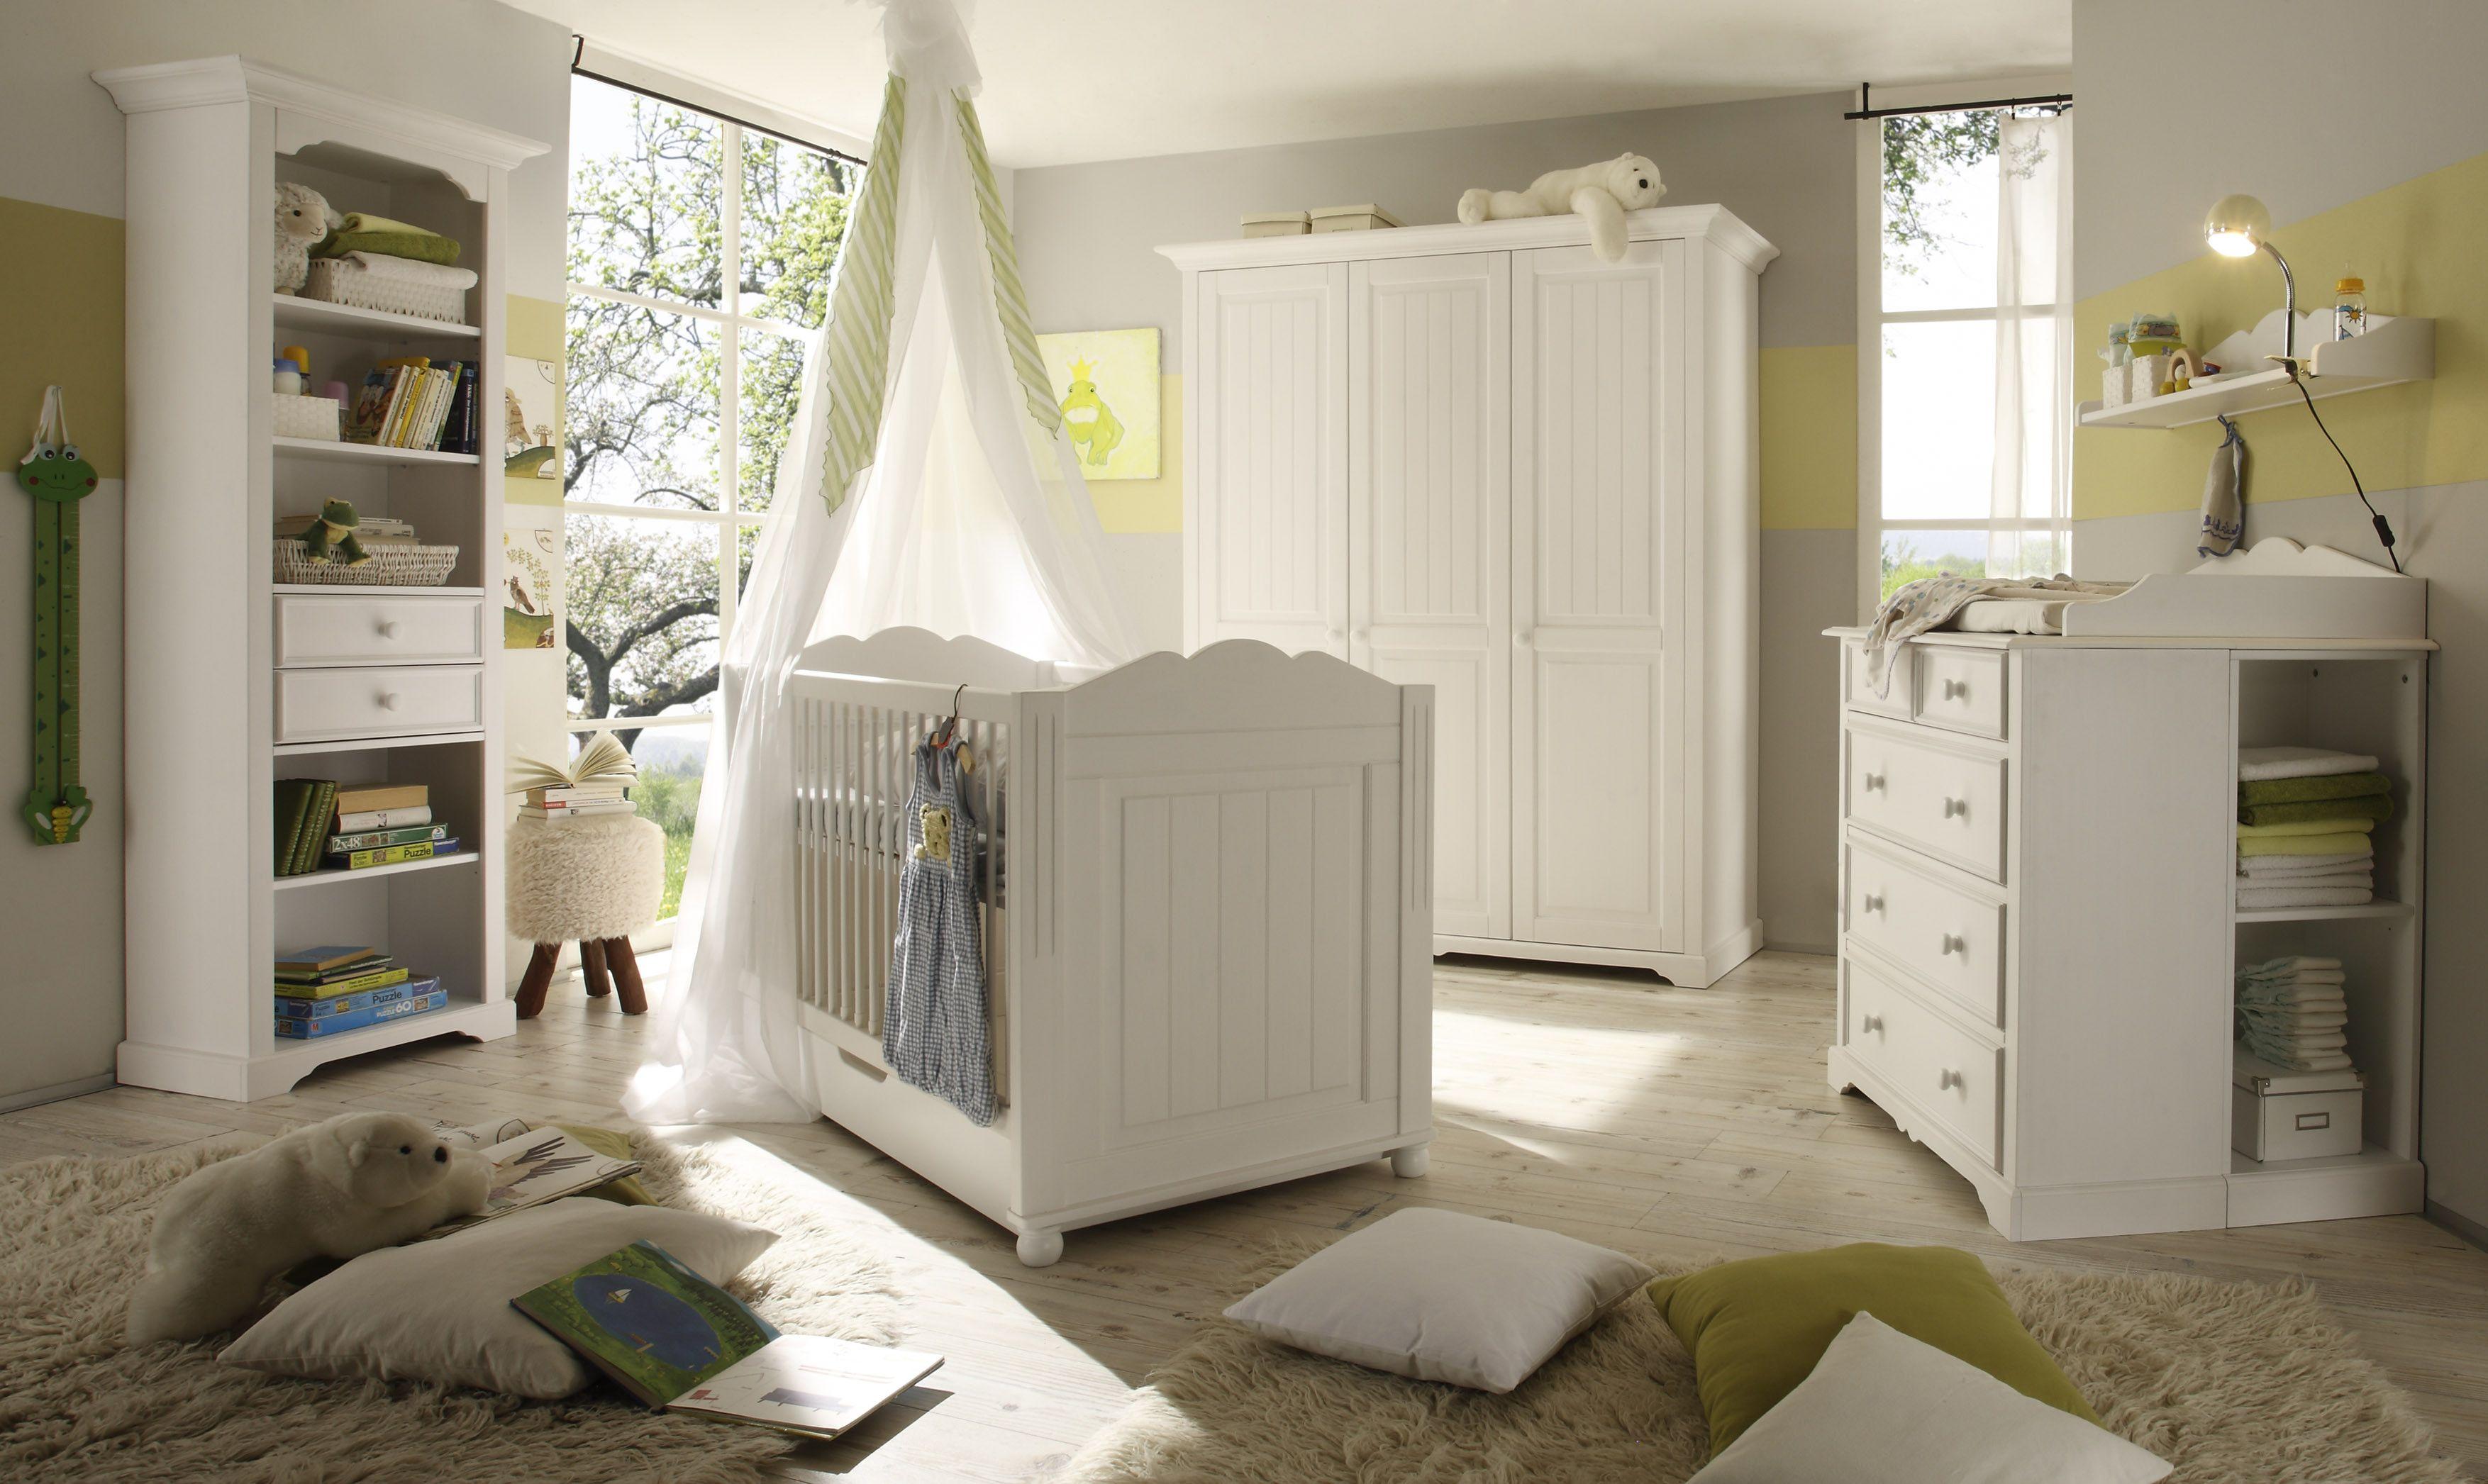 Blickfang Landhaus Style Das Beste Von Afbeeldingsresultaat Voor Baby Zimmer